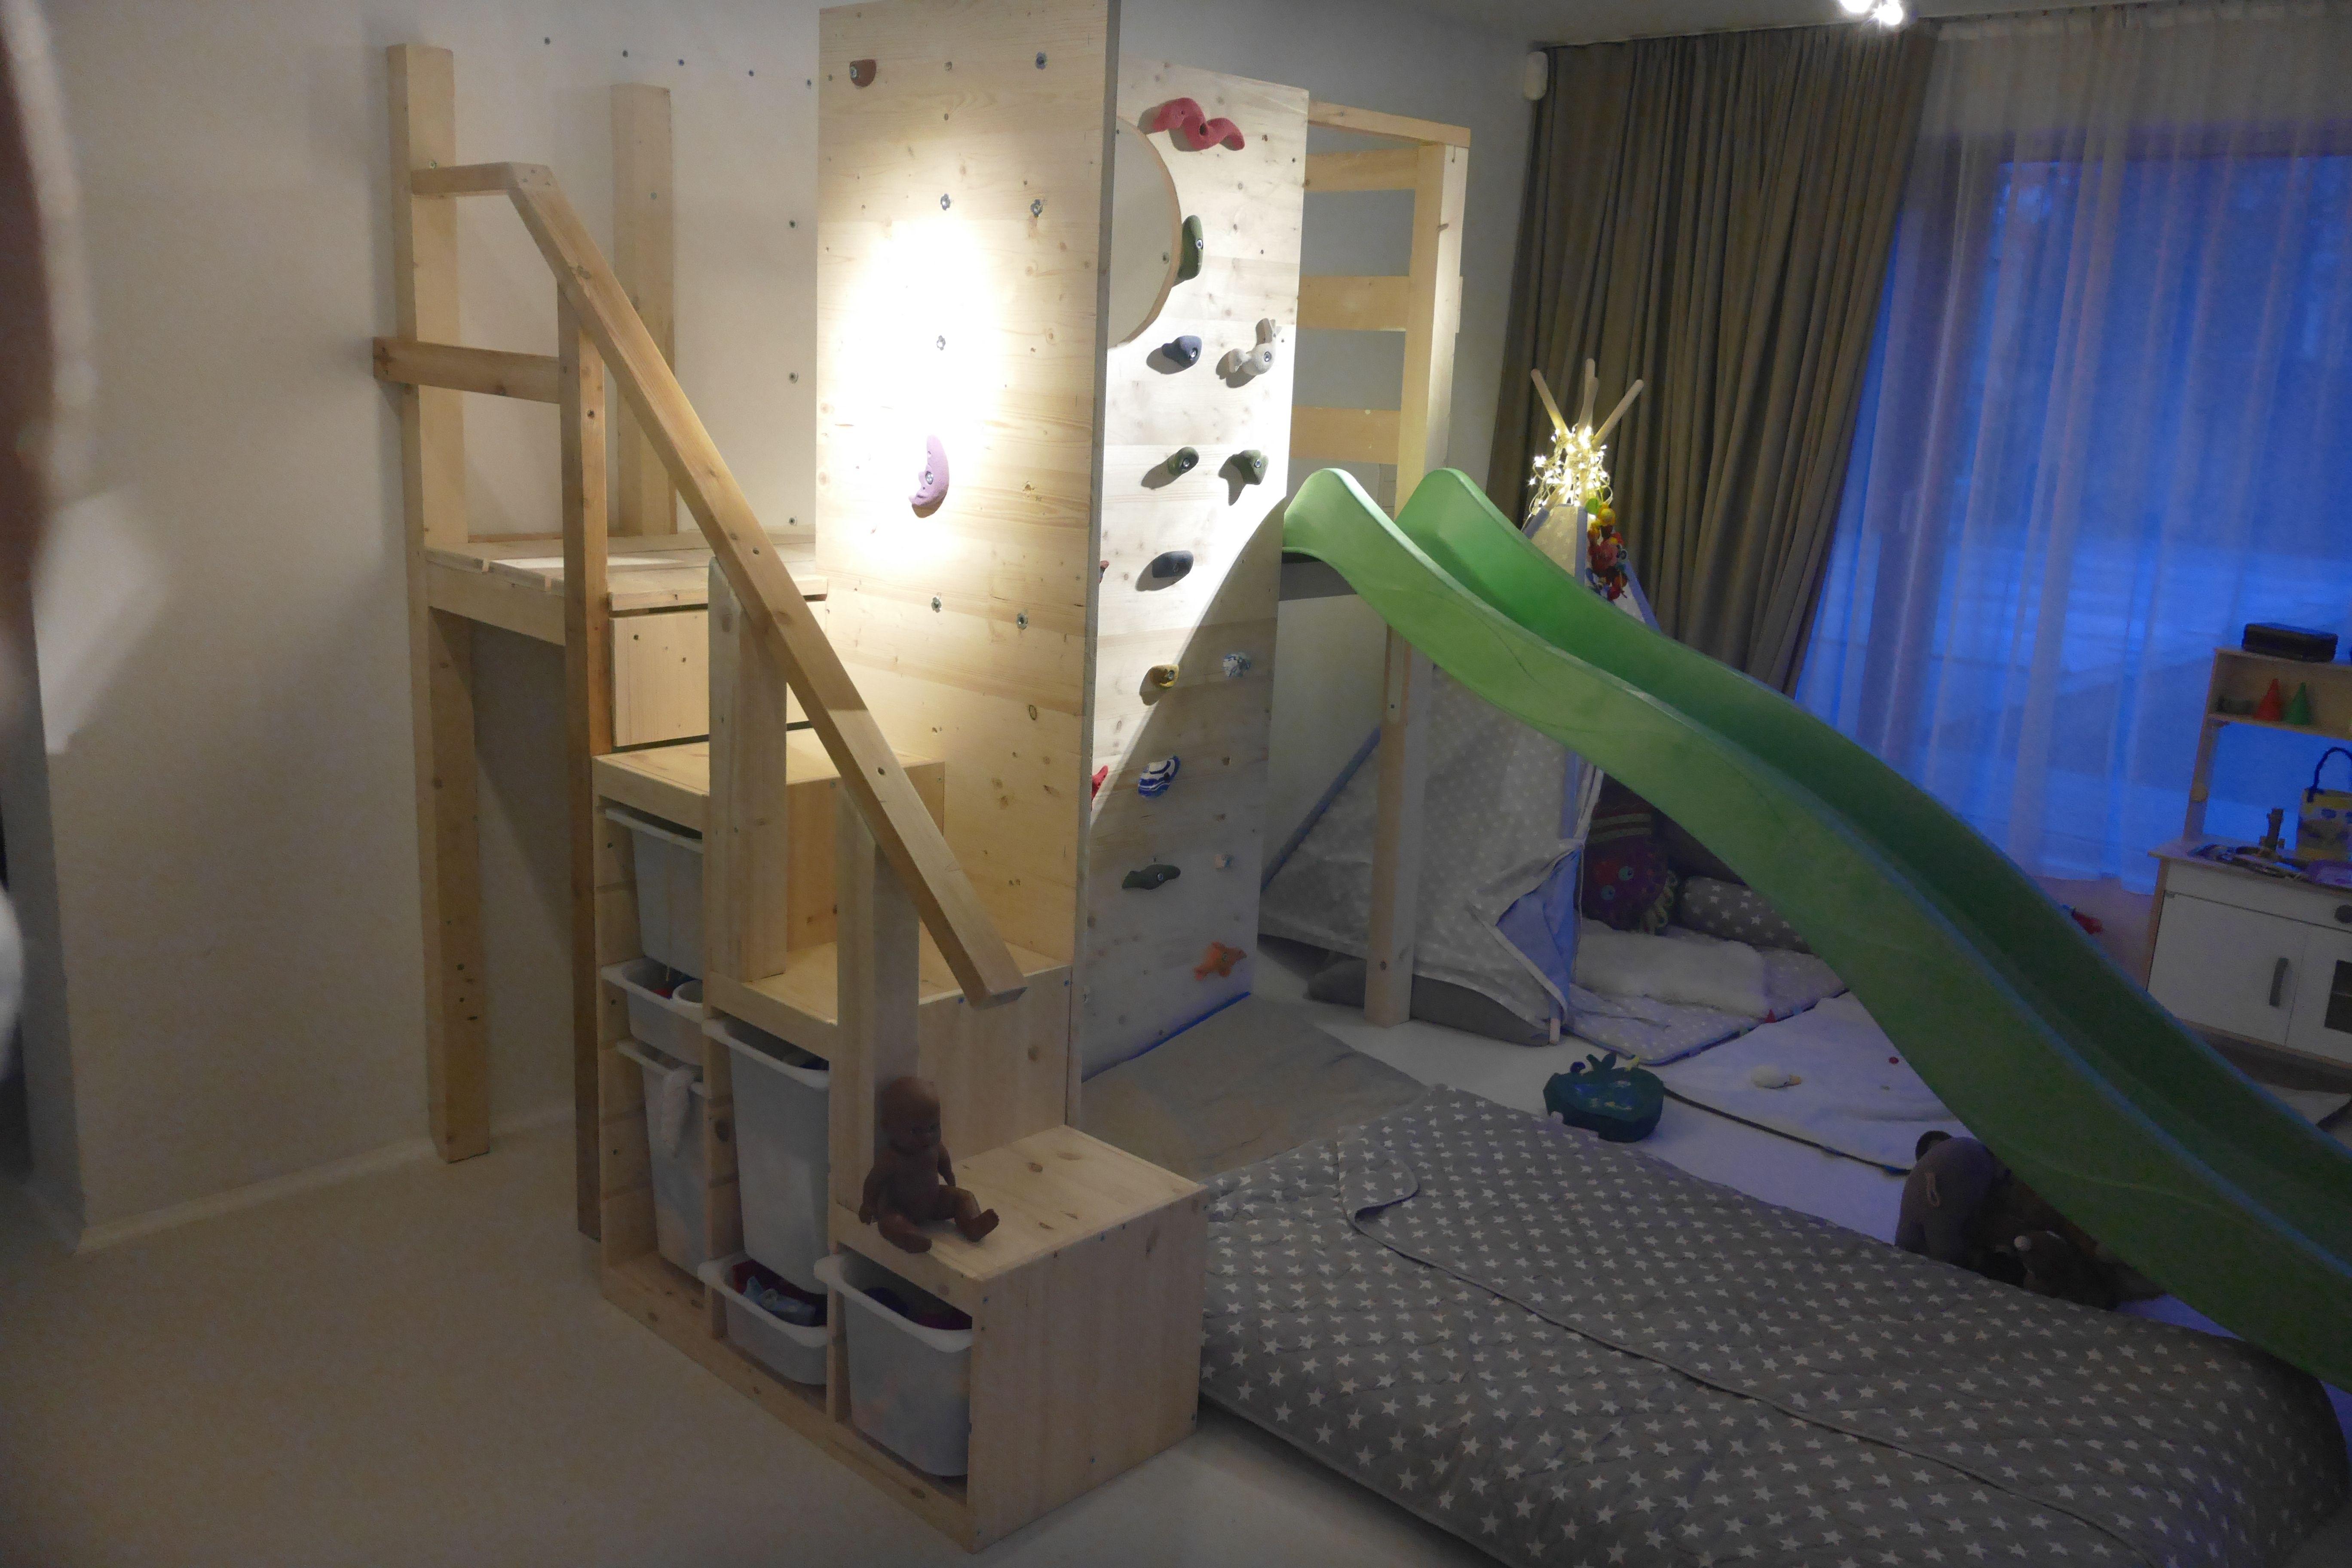 Ikea Trofast Regal mit einer Kletterwand und Rutsche